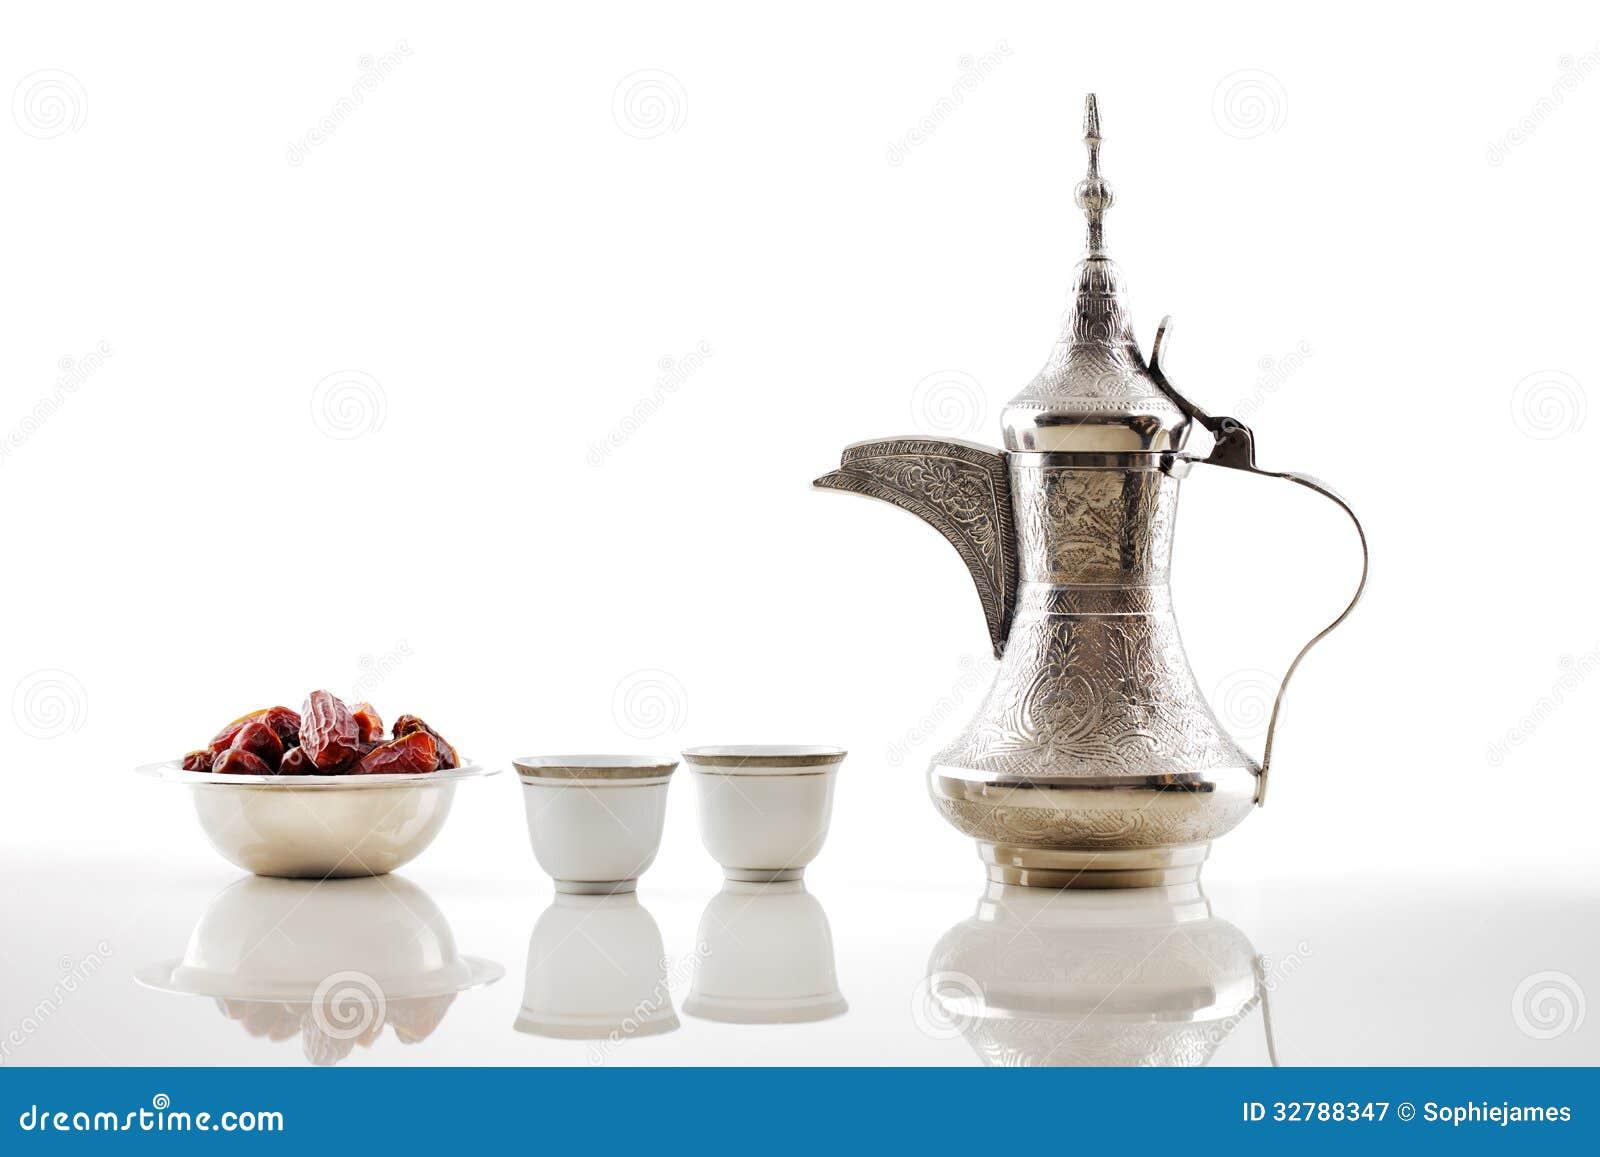 Un dallah, un vaso del metallo per produrre caffè arabo con una ciotola di datteri secchi